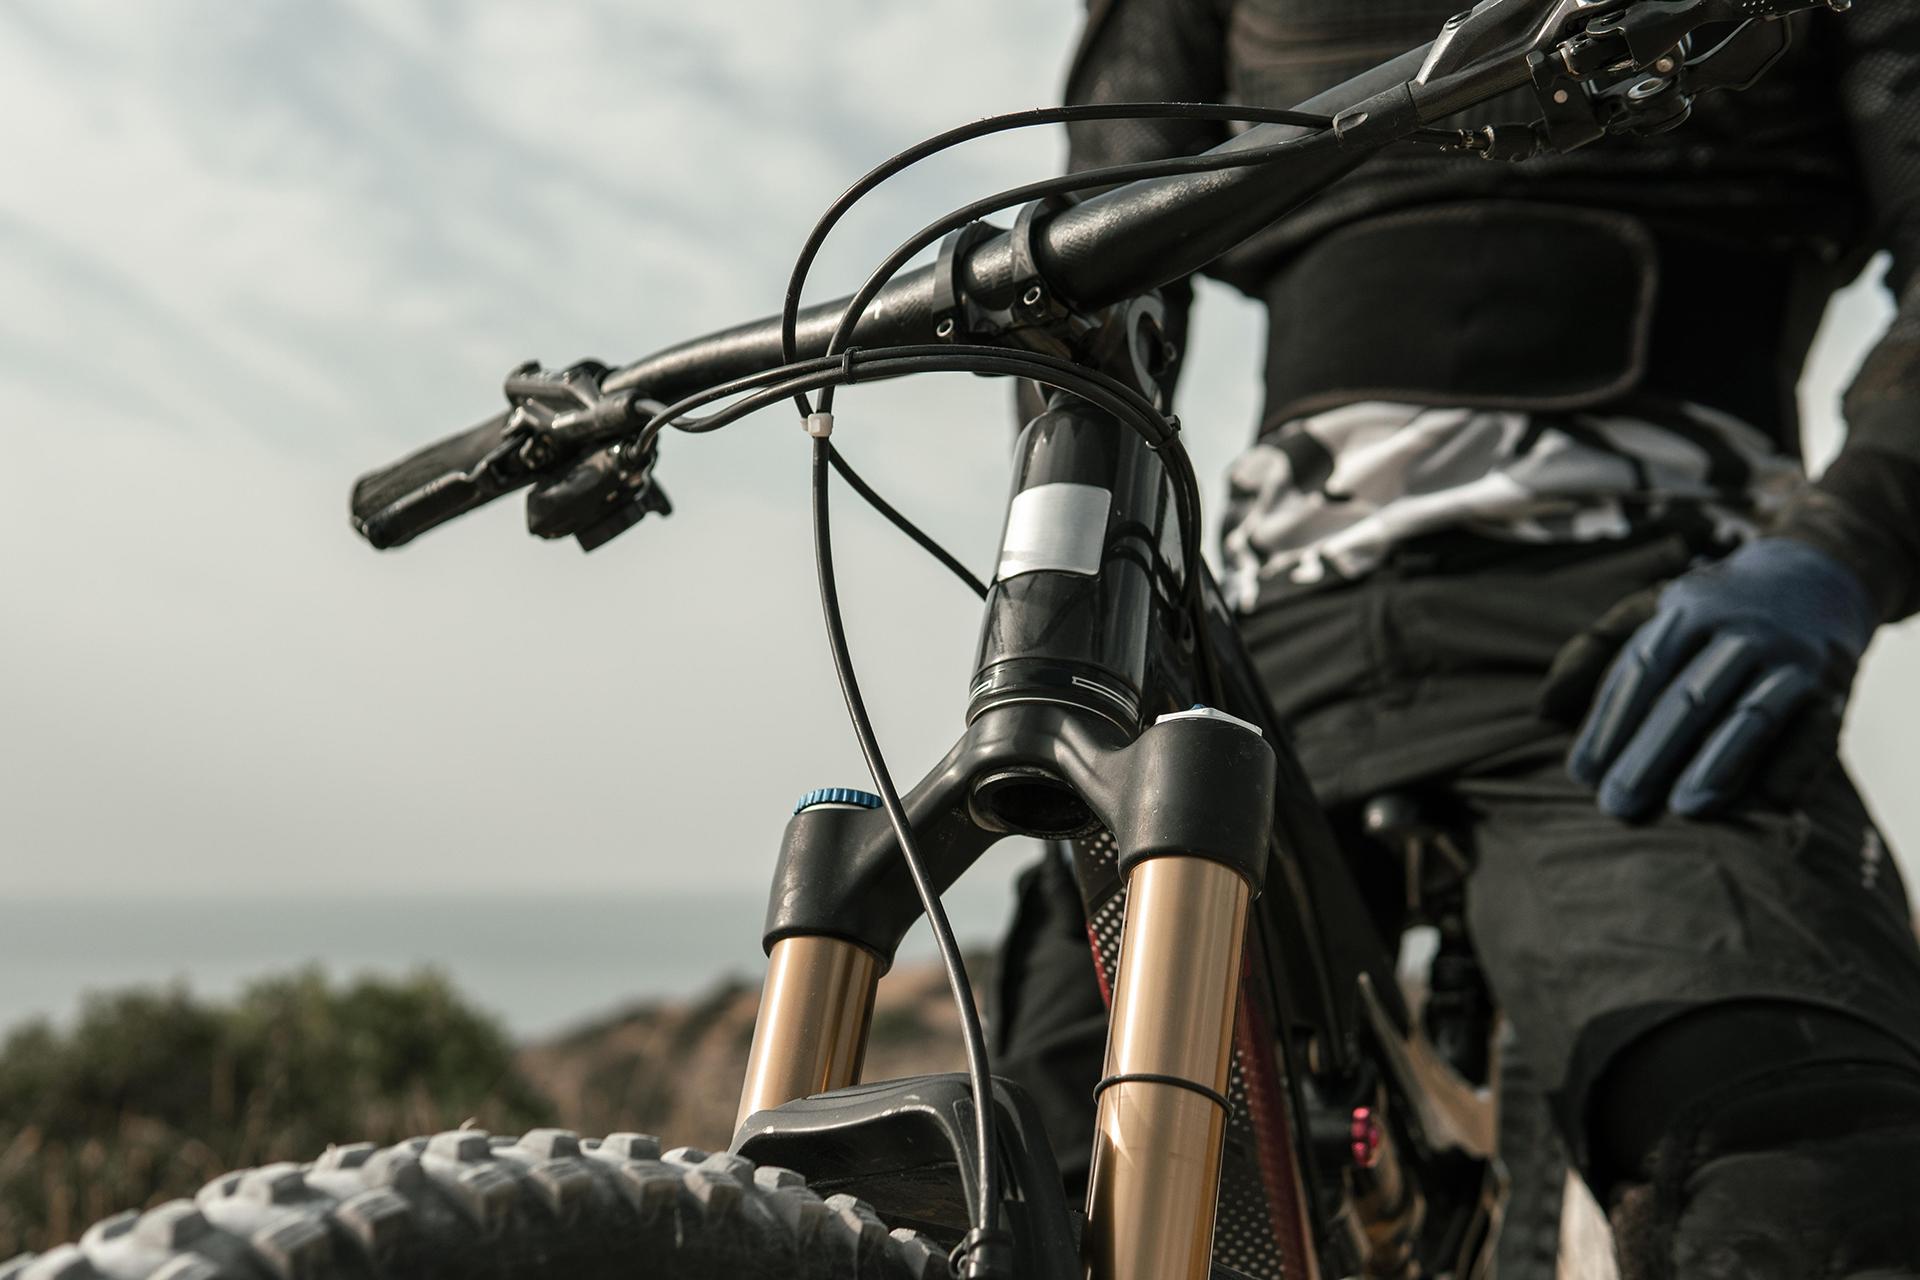 Saiba qual o Freio ideal para sua bike